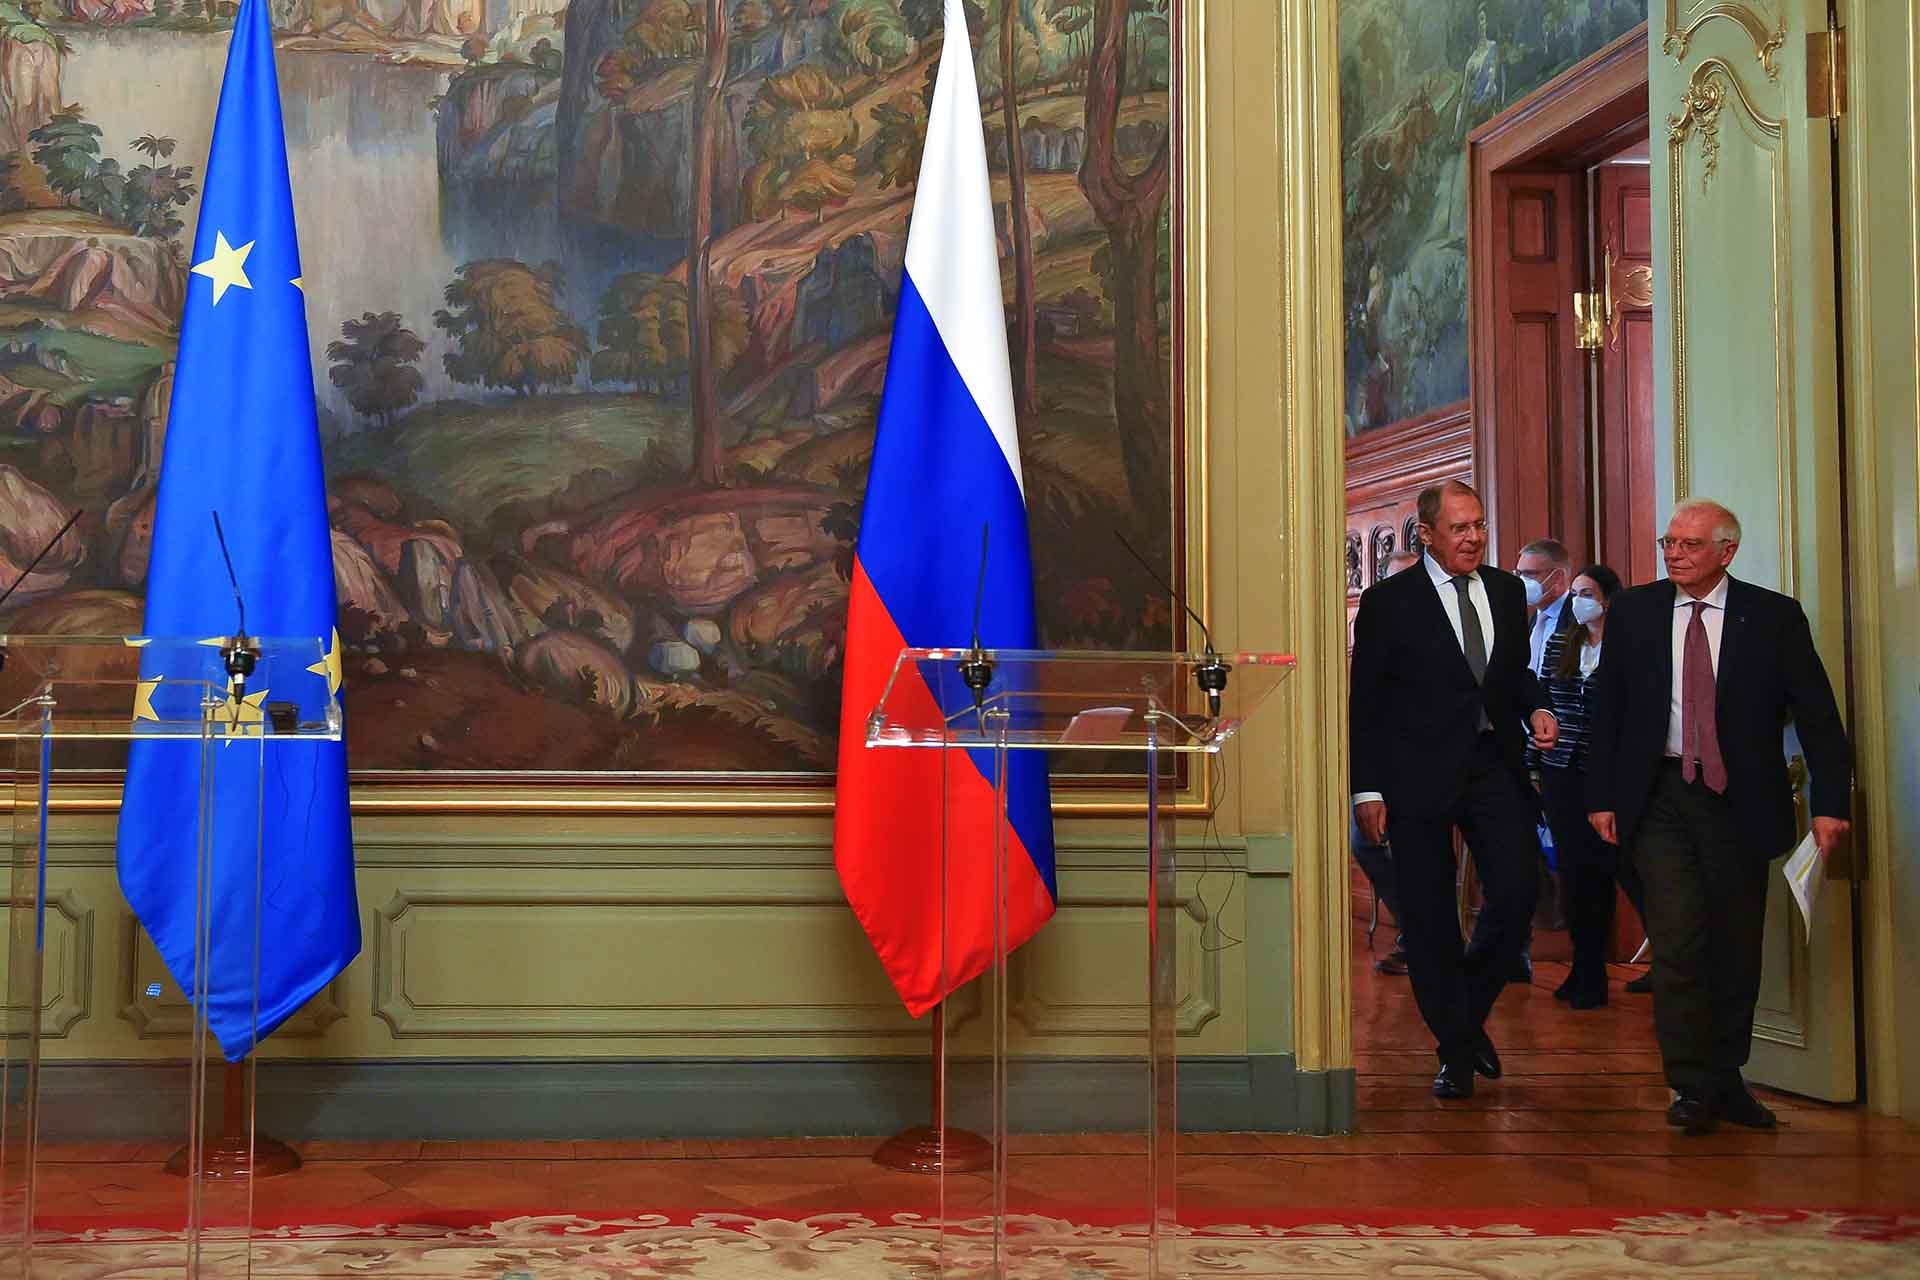 Ρωσία – Ευρωπαϊκή Ένωση: Μεταξύ κατεργαραίων, ειλικρίνεια